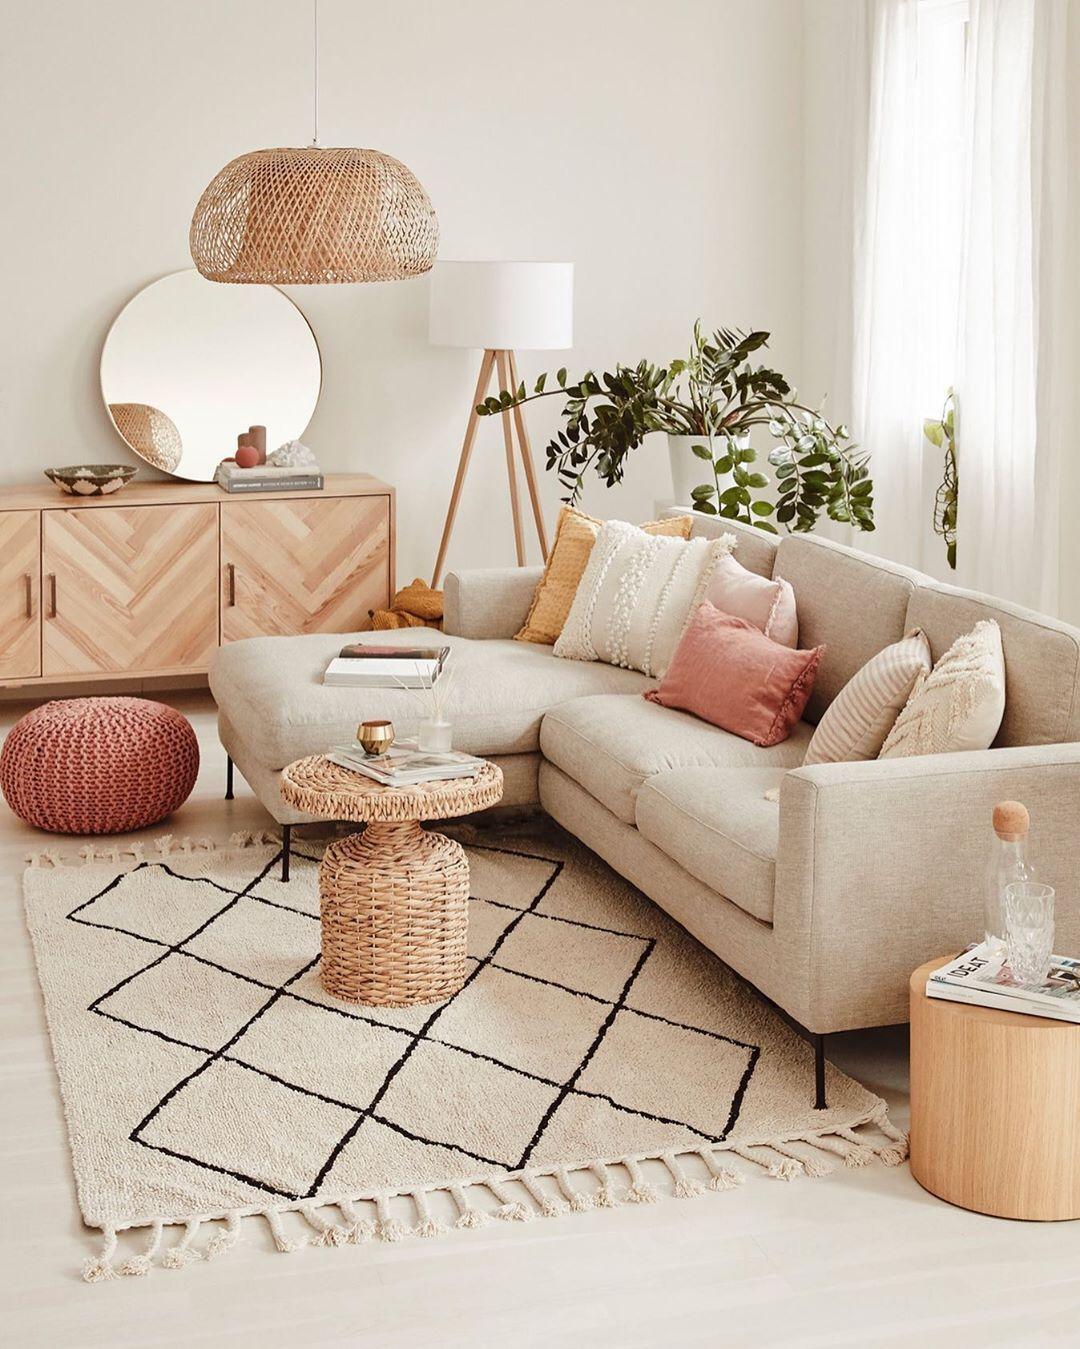 Readmore.... .... #livingroomideas #livingroomdecor #homedecor #interior #livingroomdesign #livingroom